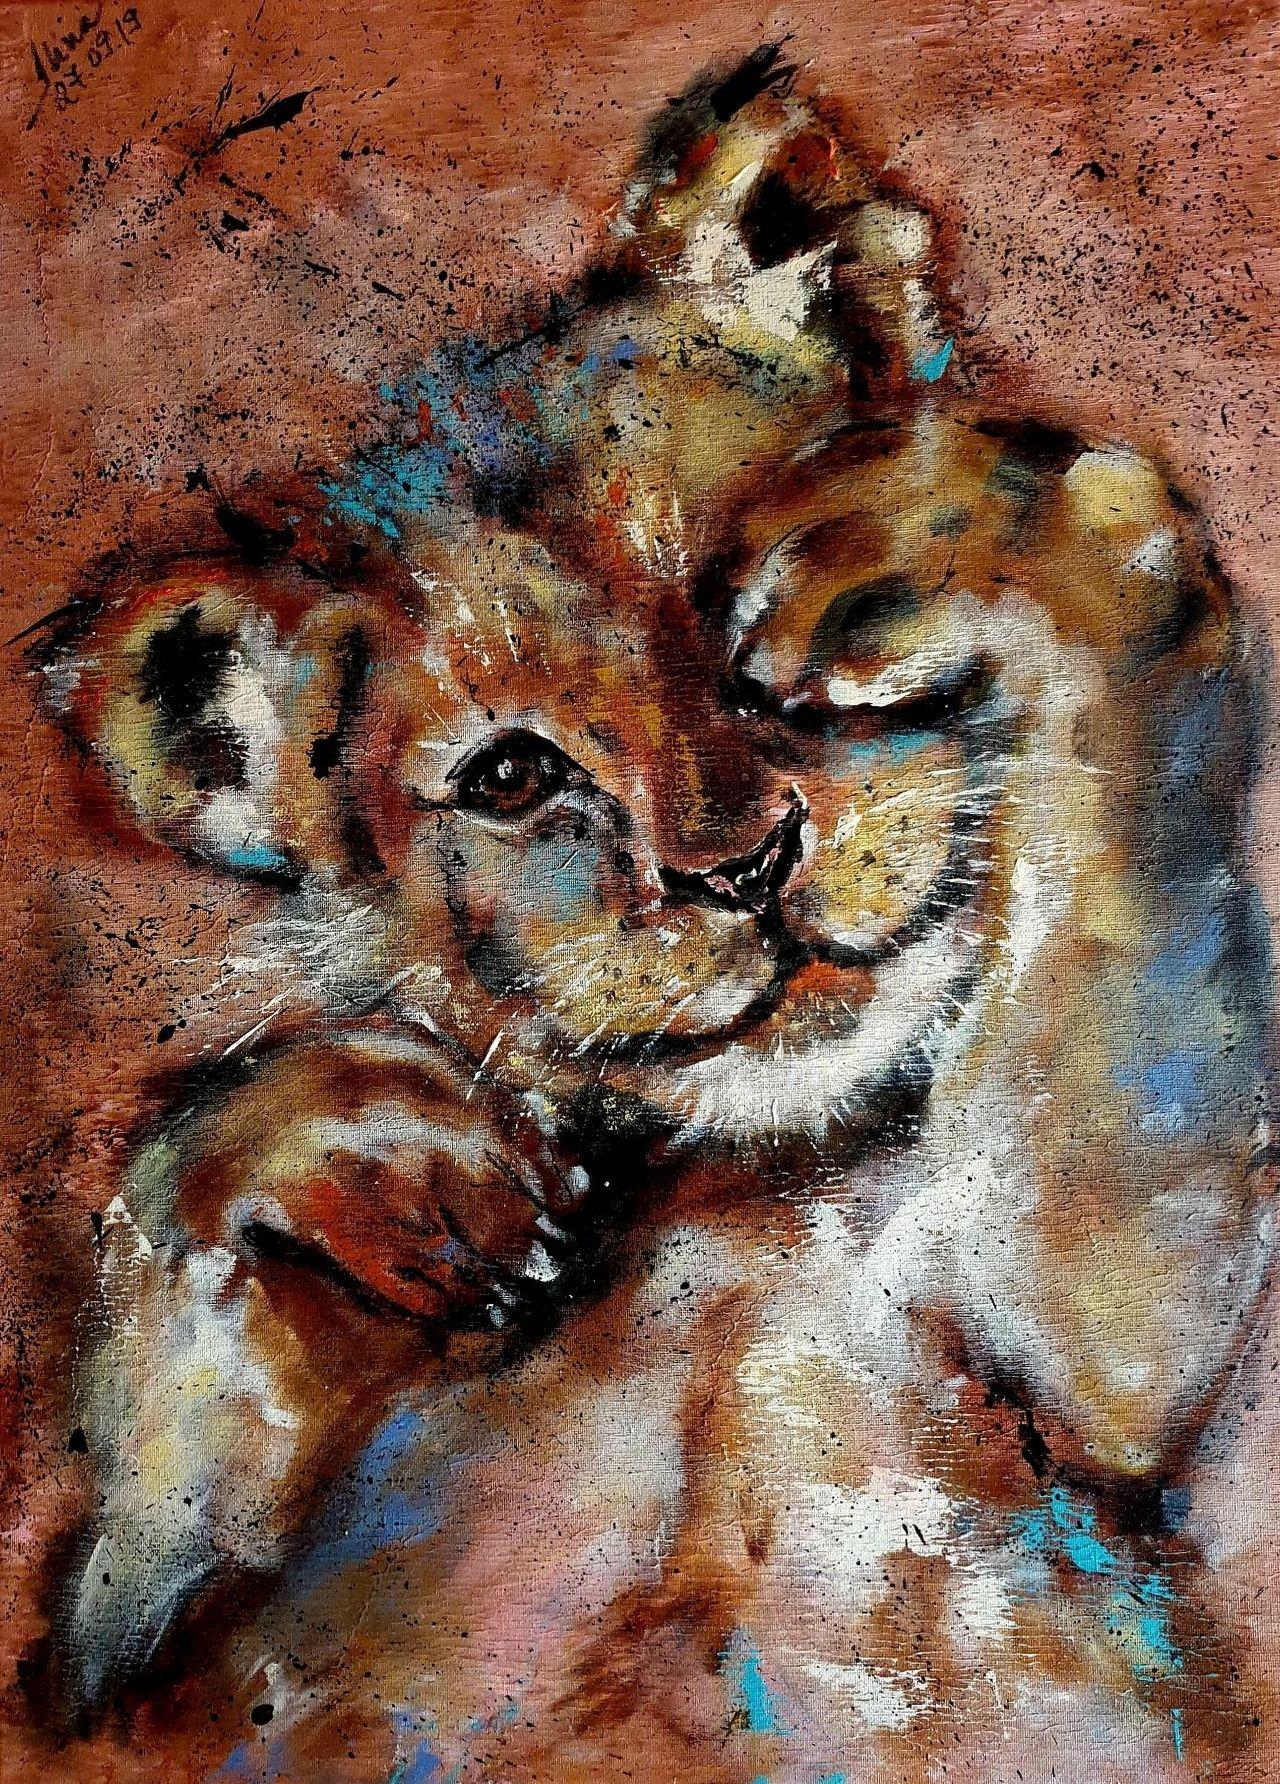 ArteDiAlina.com painting: like a child